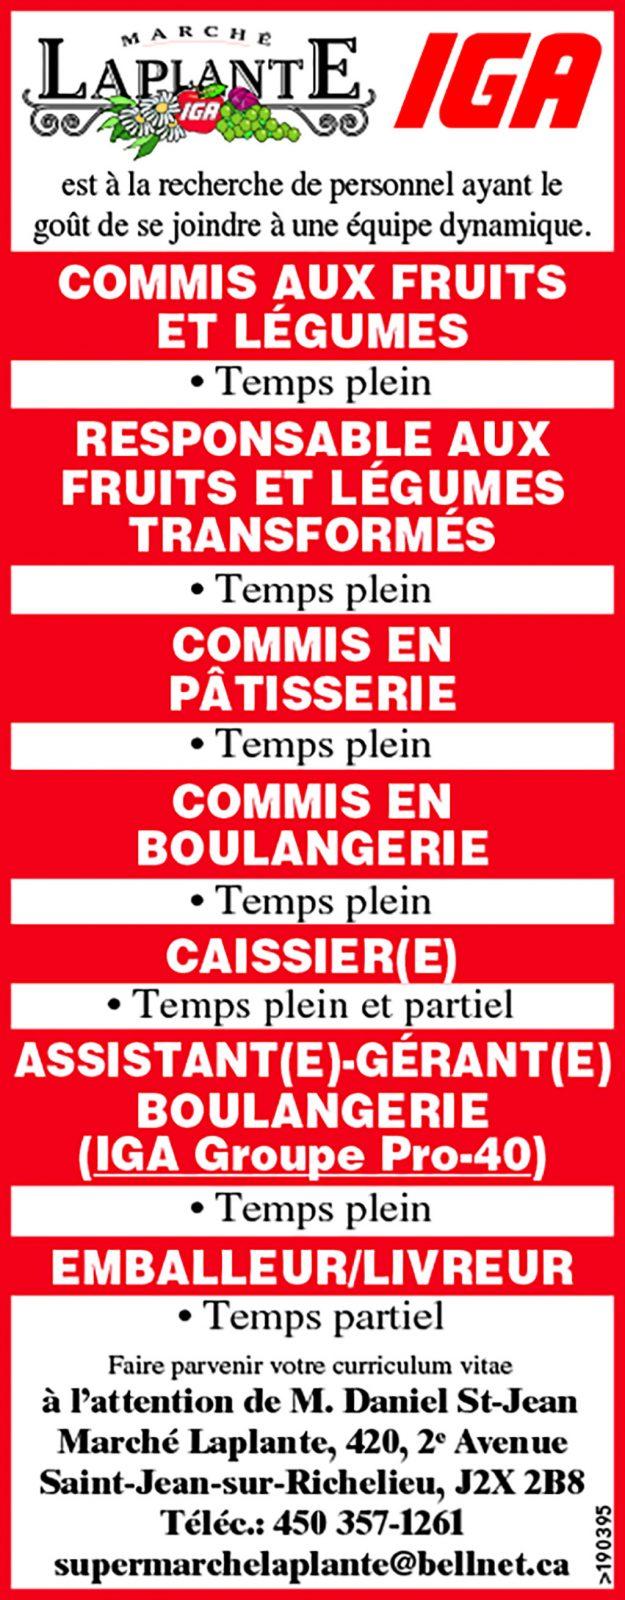 Logo de COMMIS AUX FRUITS ET LÉGUMES / RESPONSABLE AUX FRUITS ET LÉGUMES TRANSFORMÉS / COMMIS EN PÂTISSERIE / COMMIS EN BOULANGERIE / CAISSIER(E) / ASSISTANT(E)-GÉRANT(E) BOULANGERIE (IGA Groupe Pro-40) / EMBALLEUR/LIVREUR